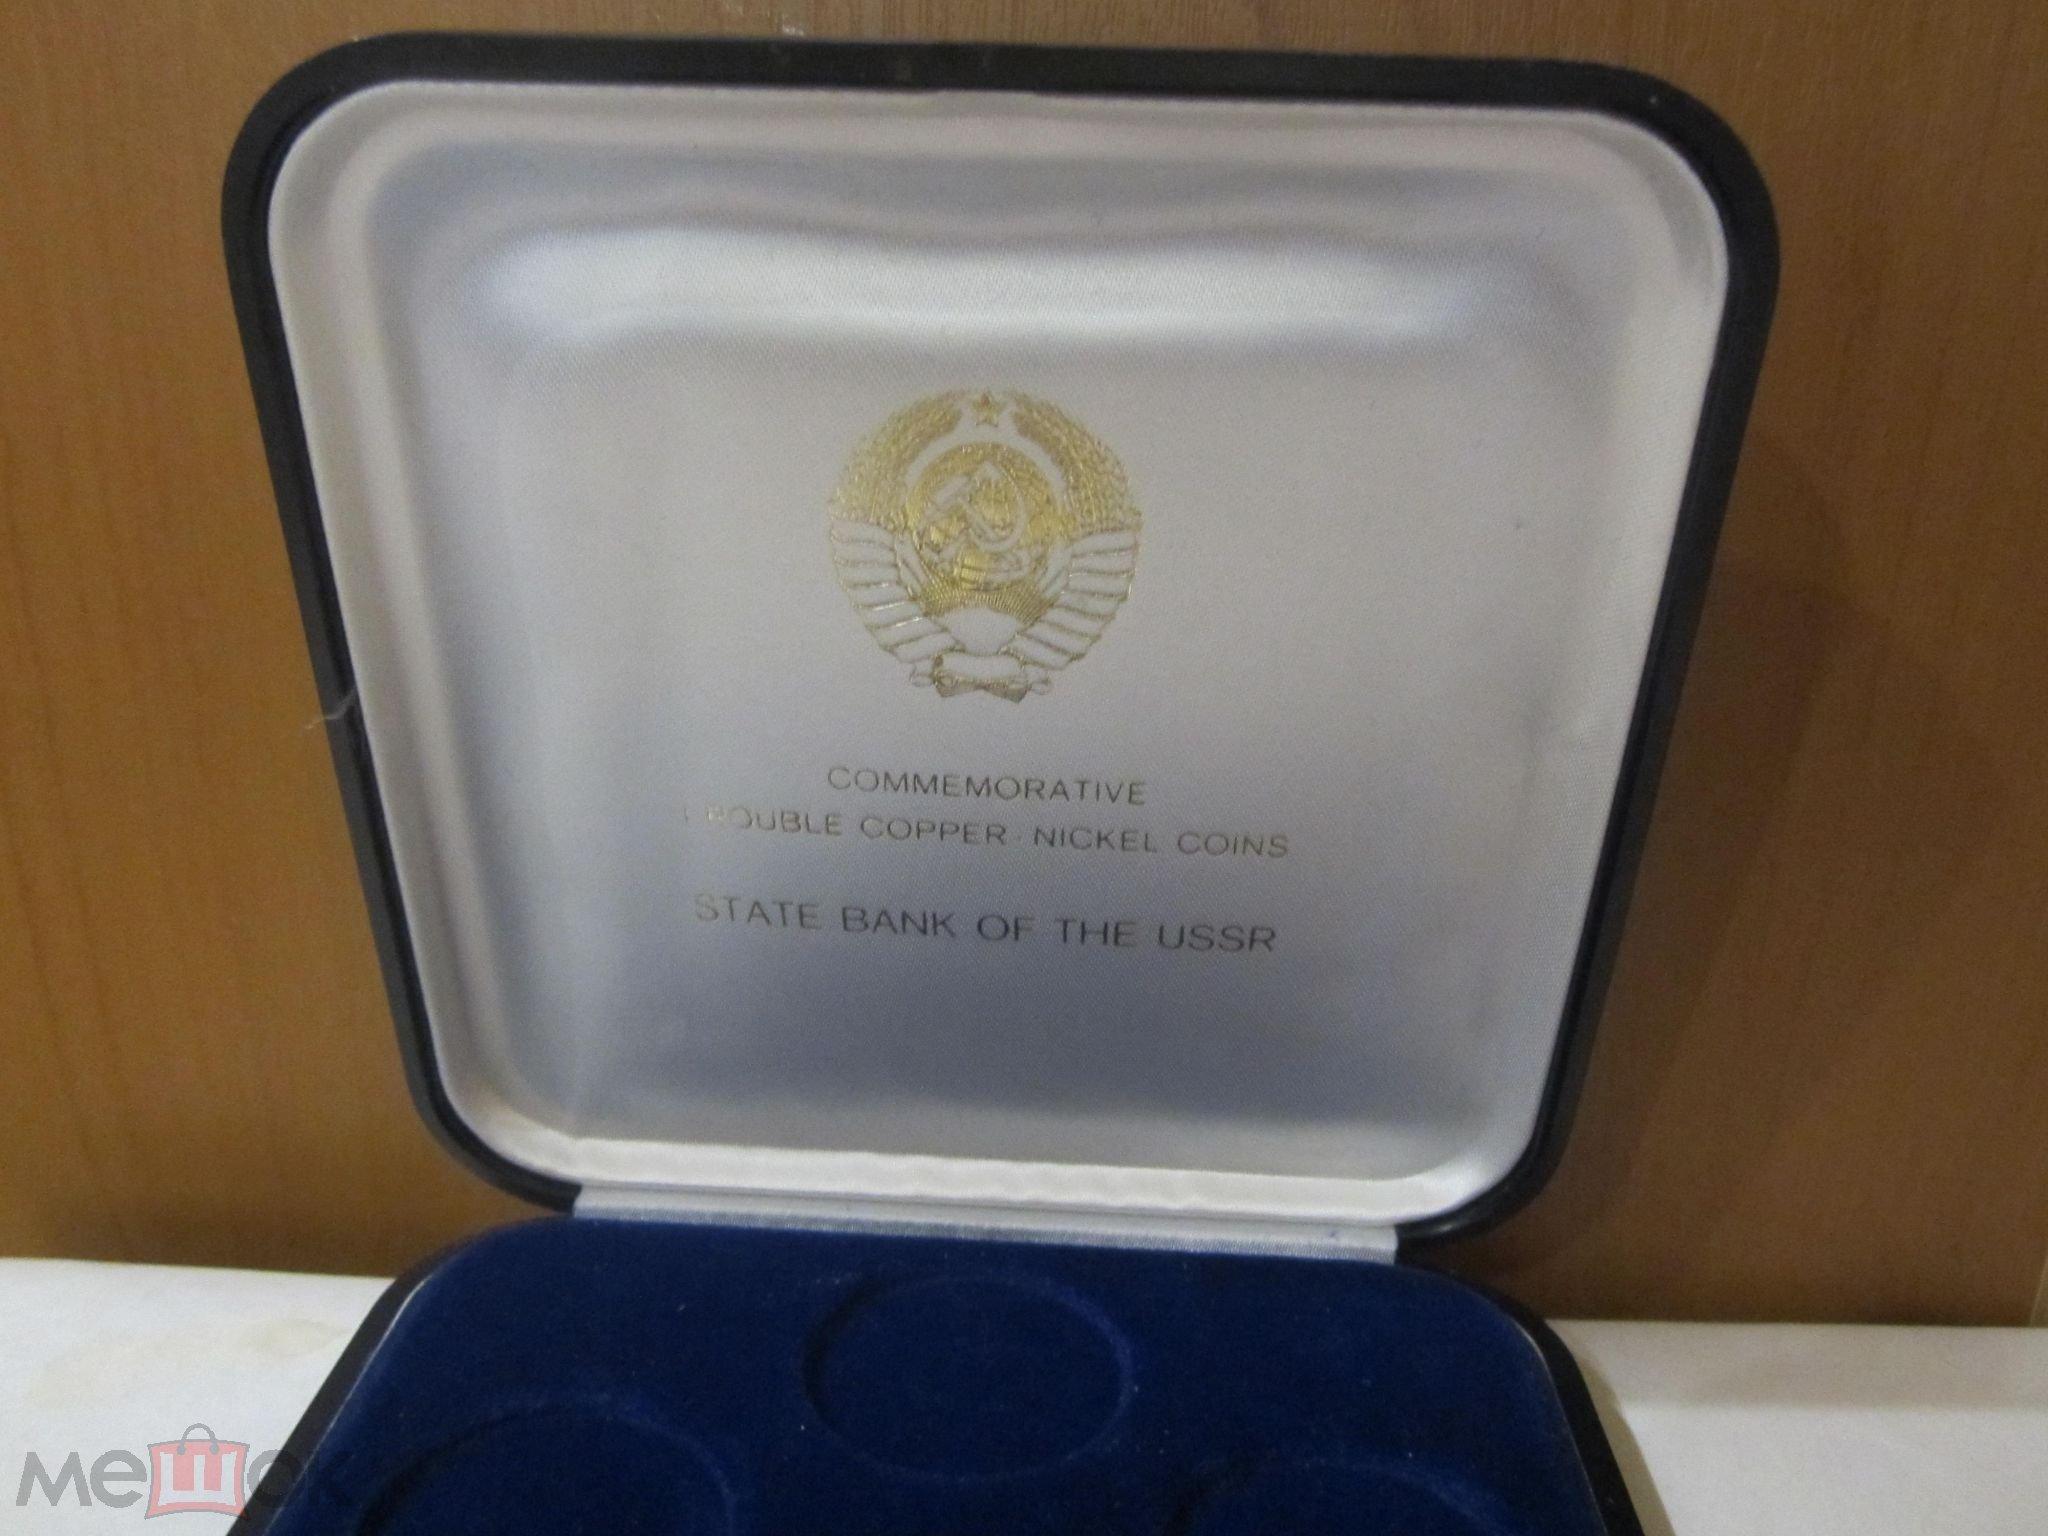 Коробка Гос.Банка СССР для первых пяти юбилейных монет СССР, медно-никель качеством чеканки пруф